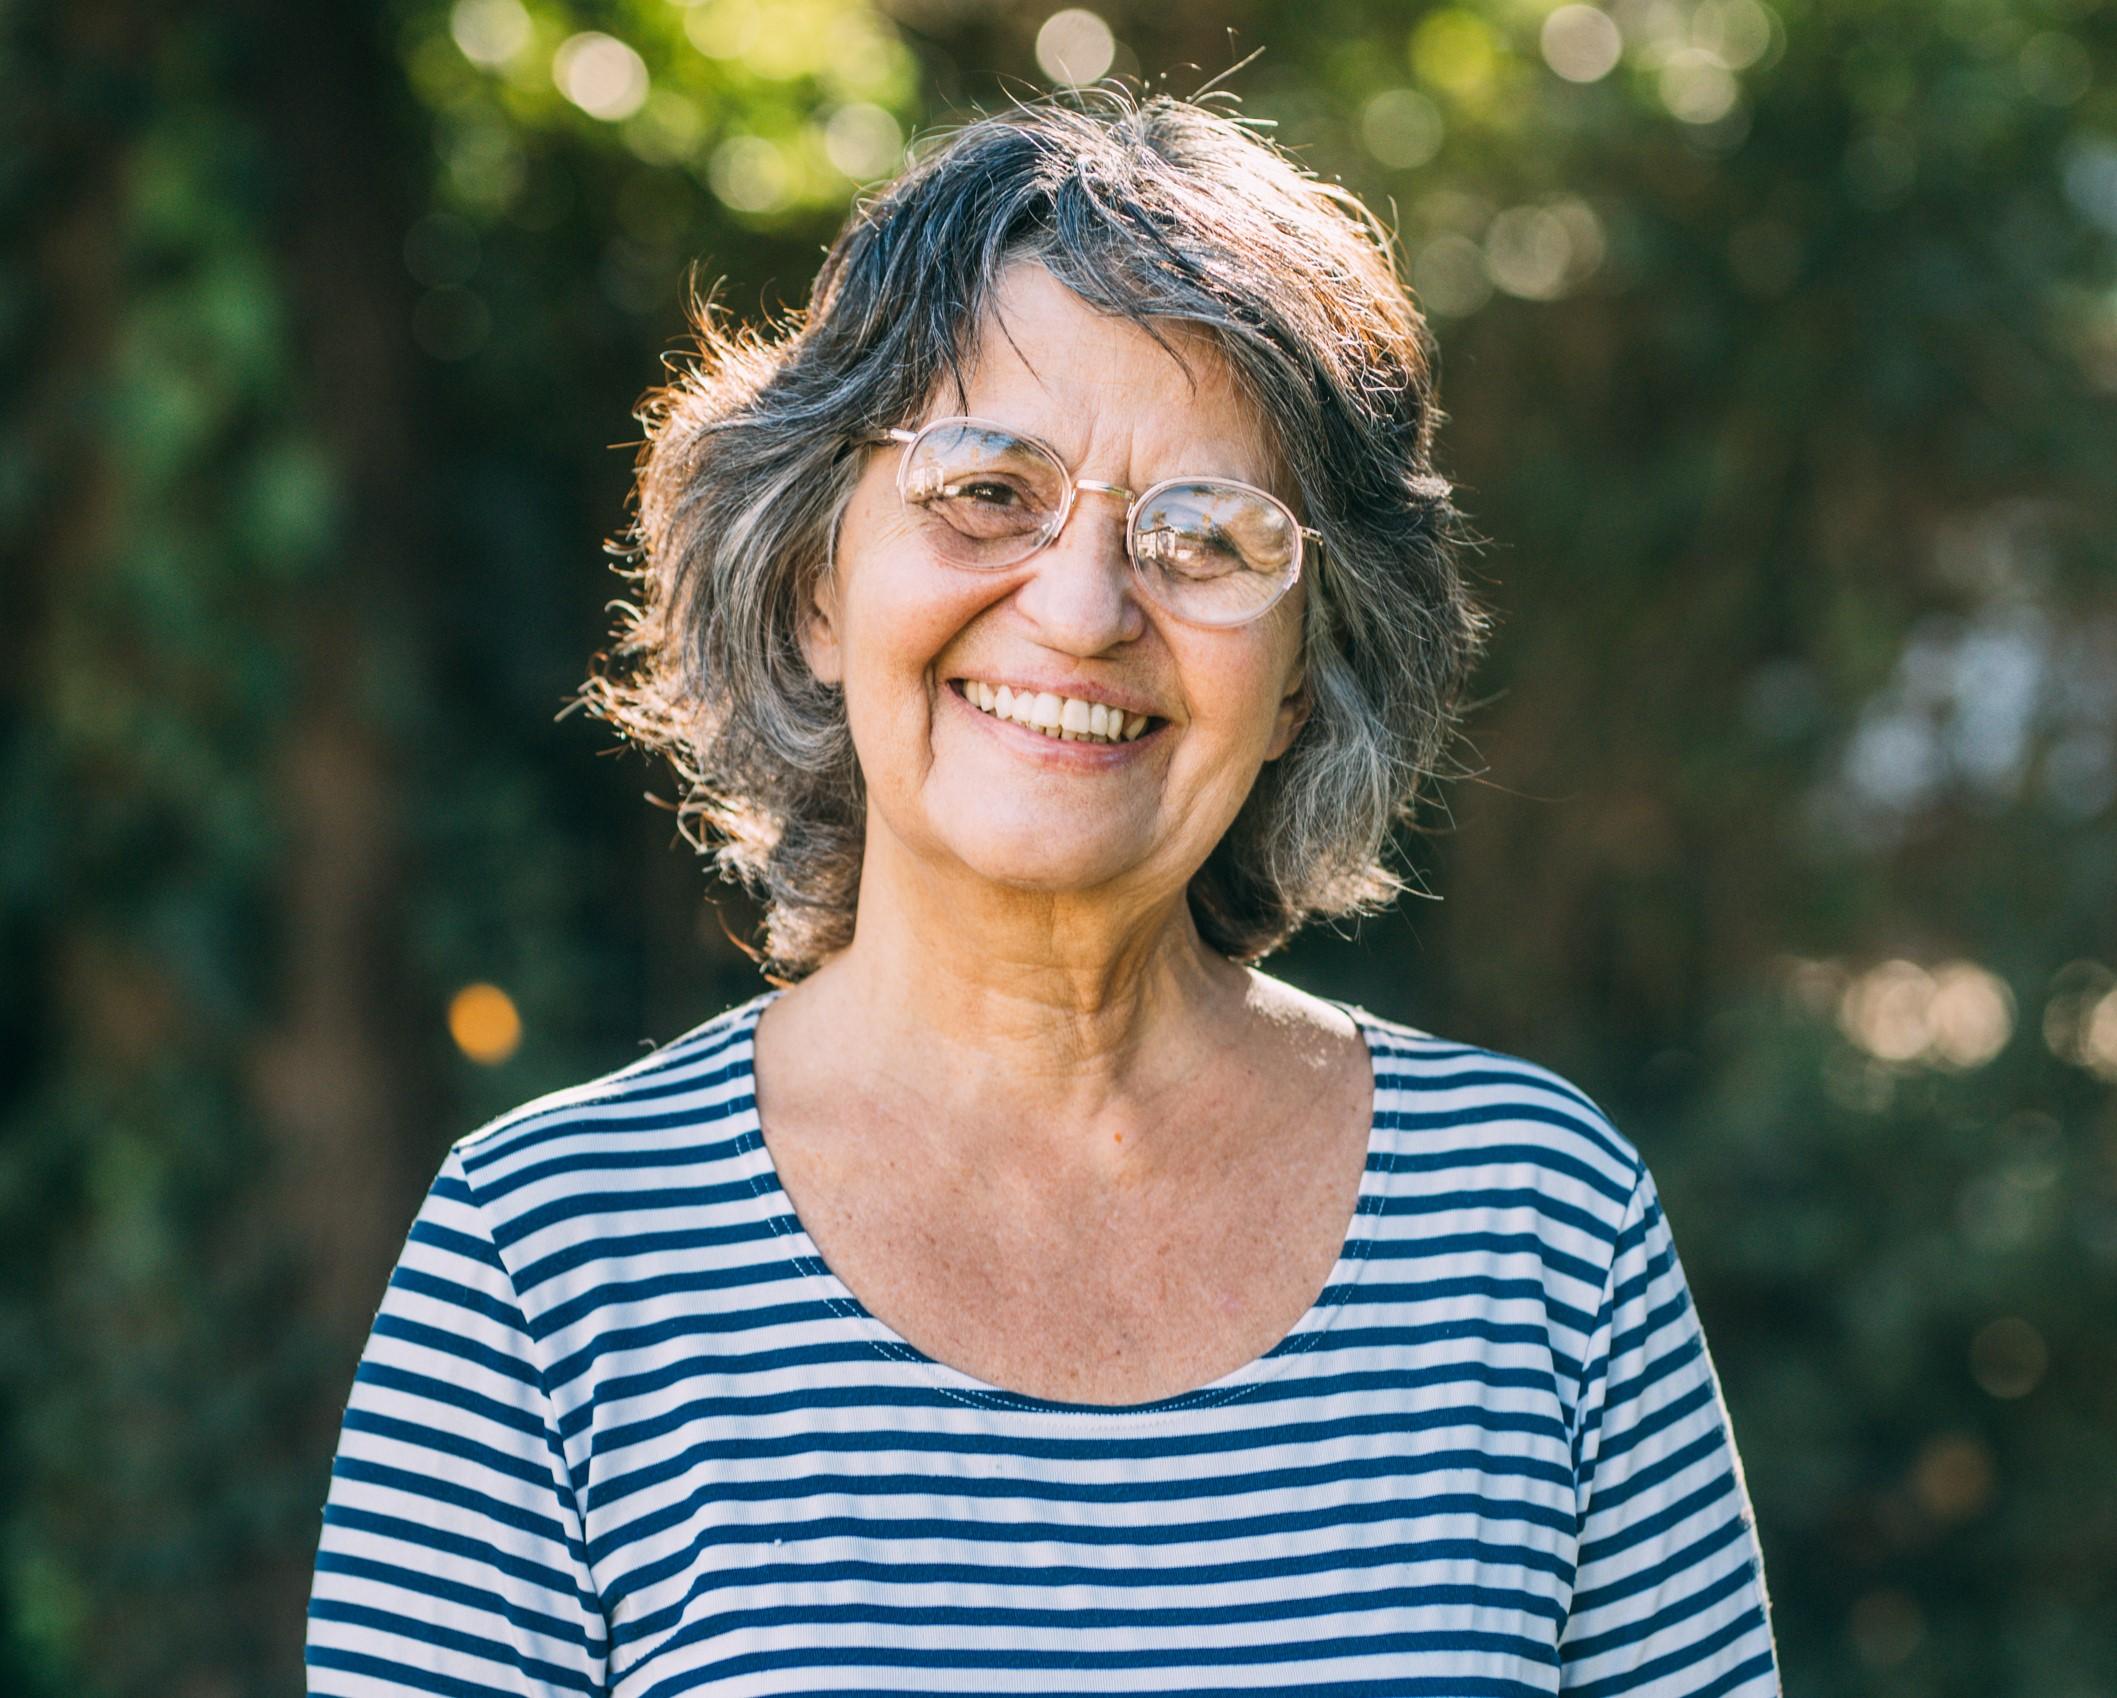 Arquitecta Mercedes Alsina, Fiscalizadora Titular del Consejo de Administración de Fundación Médica de Mar del Plata